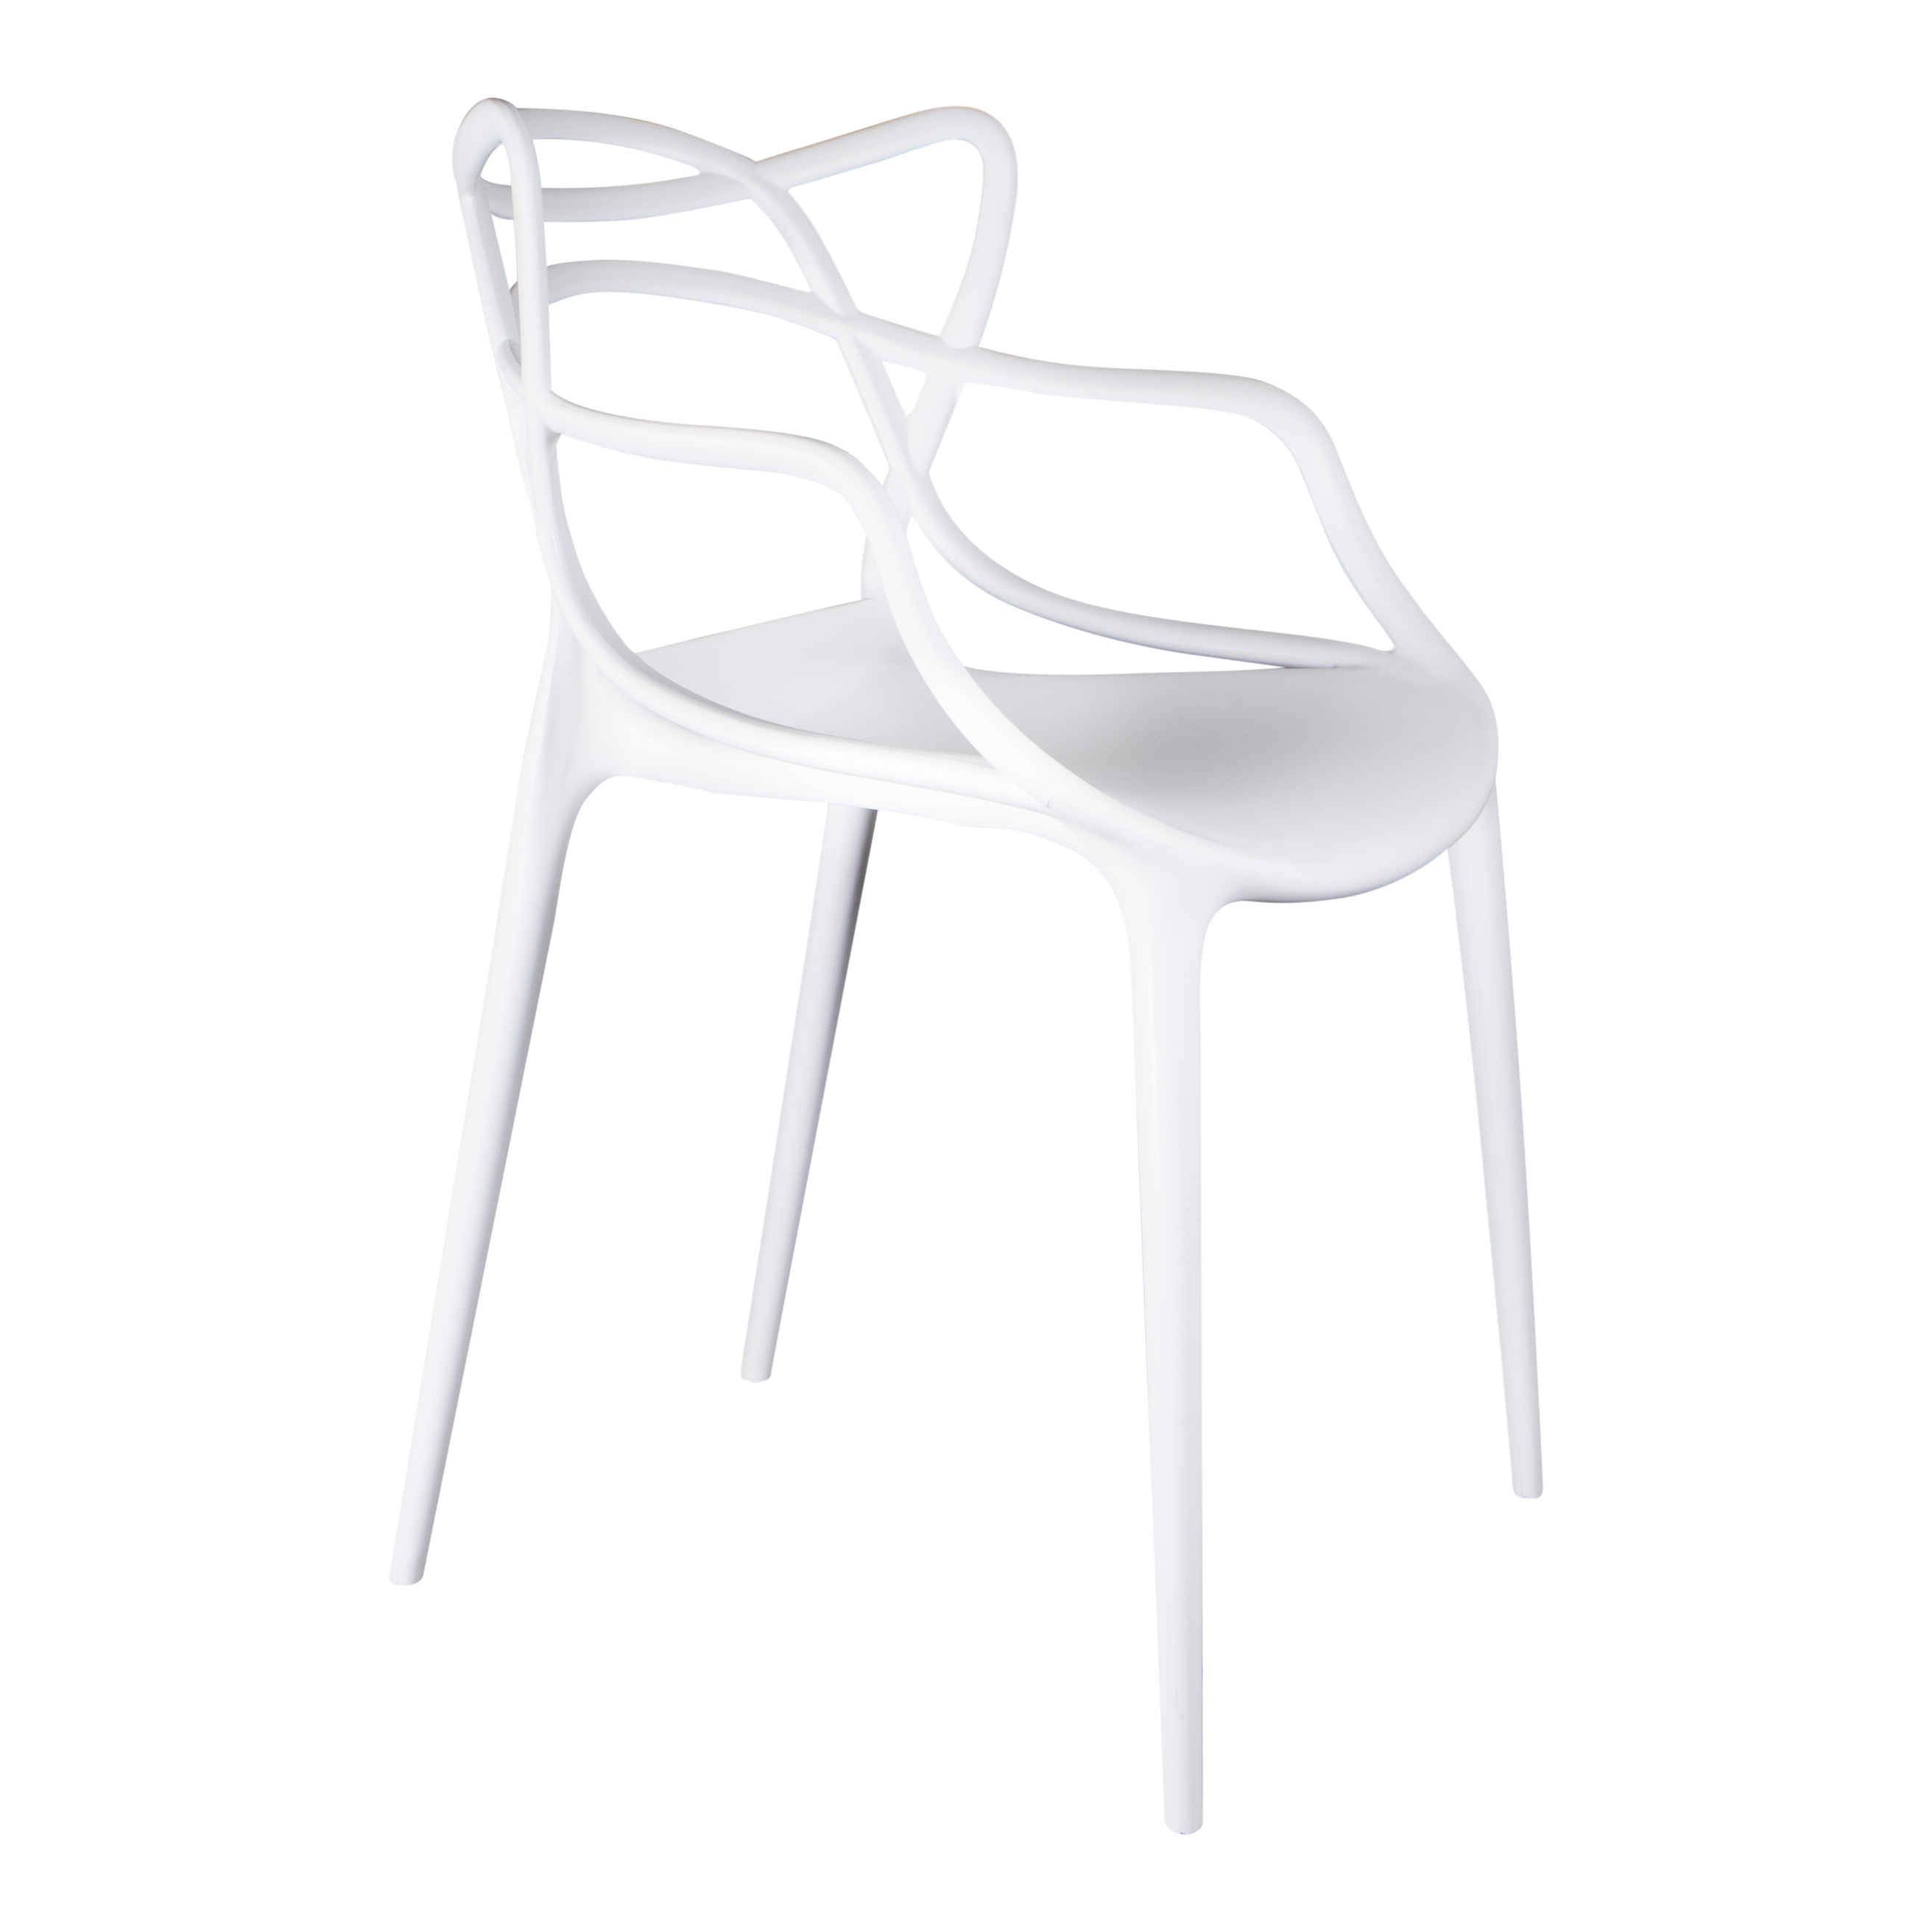 Witte Kunststof Design Stoelen.Eetkamerstoelen Design Stoel Flinder Wit